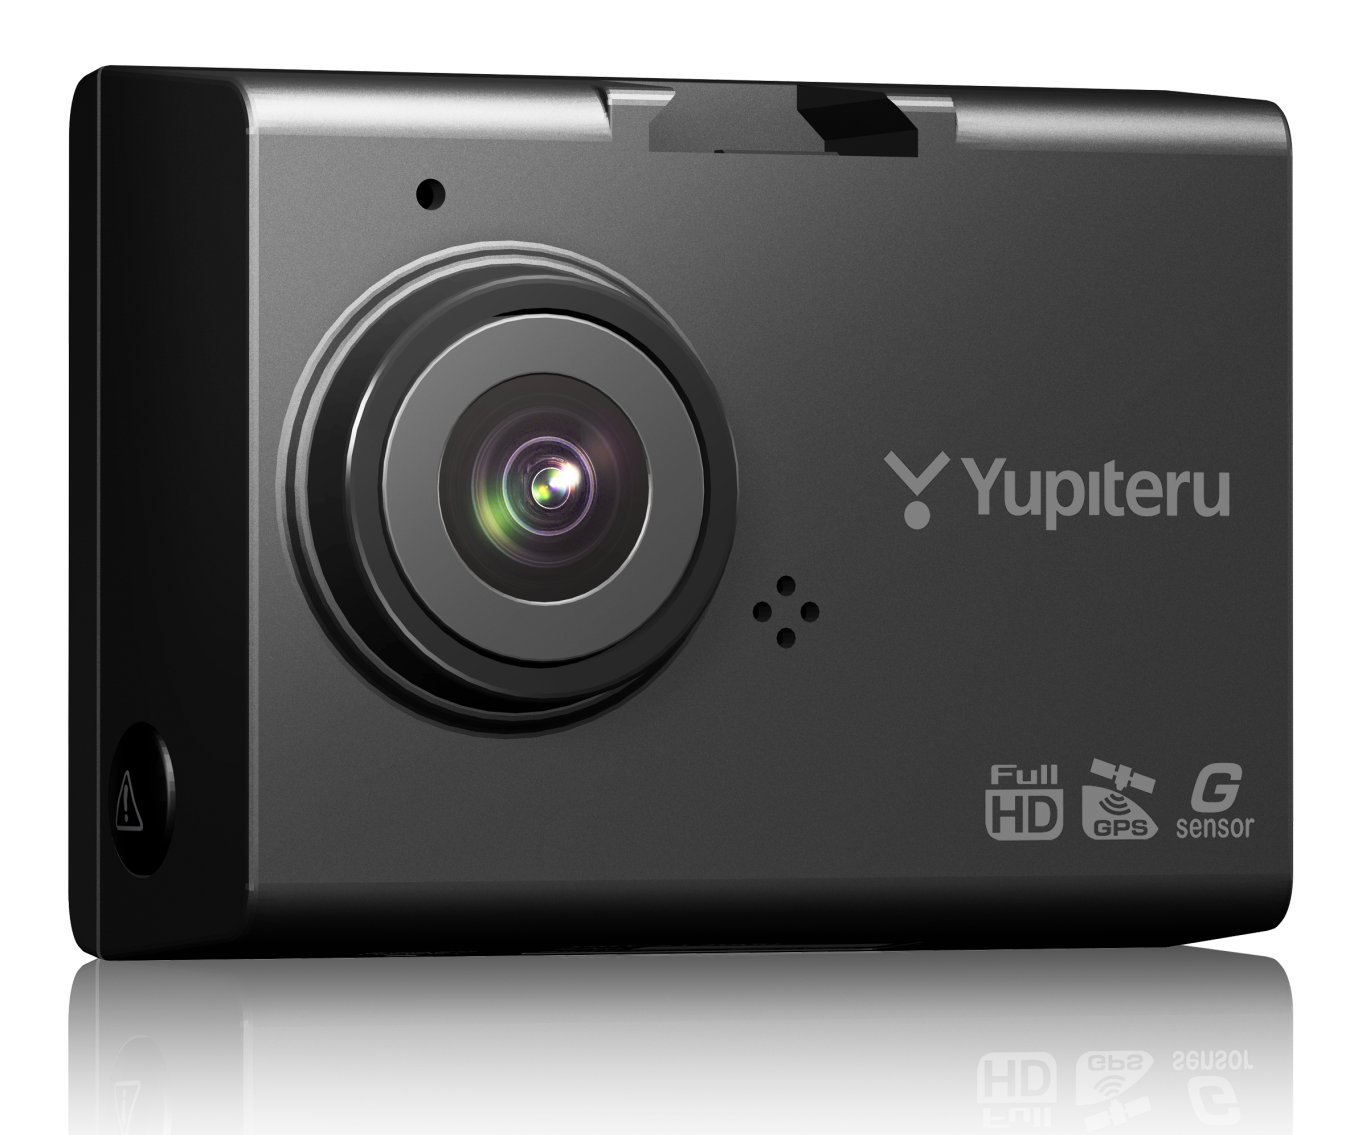 ユピテル ドライブレコーダー DRY-ST3000P 200万画素 Full HD/GPS/衝撃センサー/HDR/対角148° 東西LED式信号機対応 8GB microSD付属/HDR/対角148° 東西LED式信号機対応 8GB microSD付属